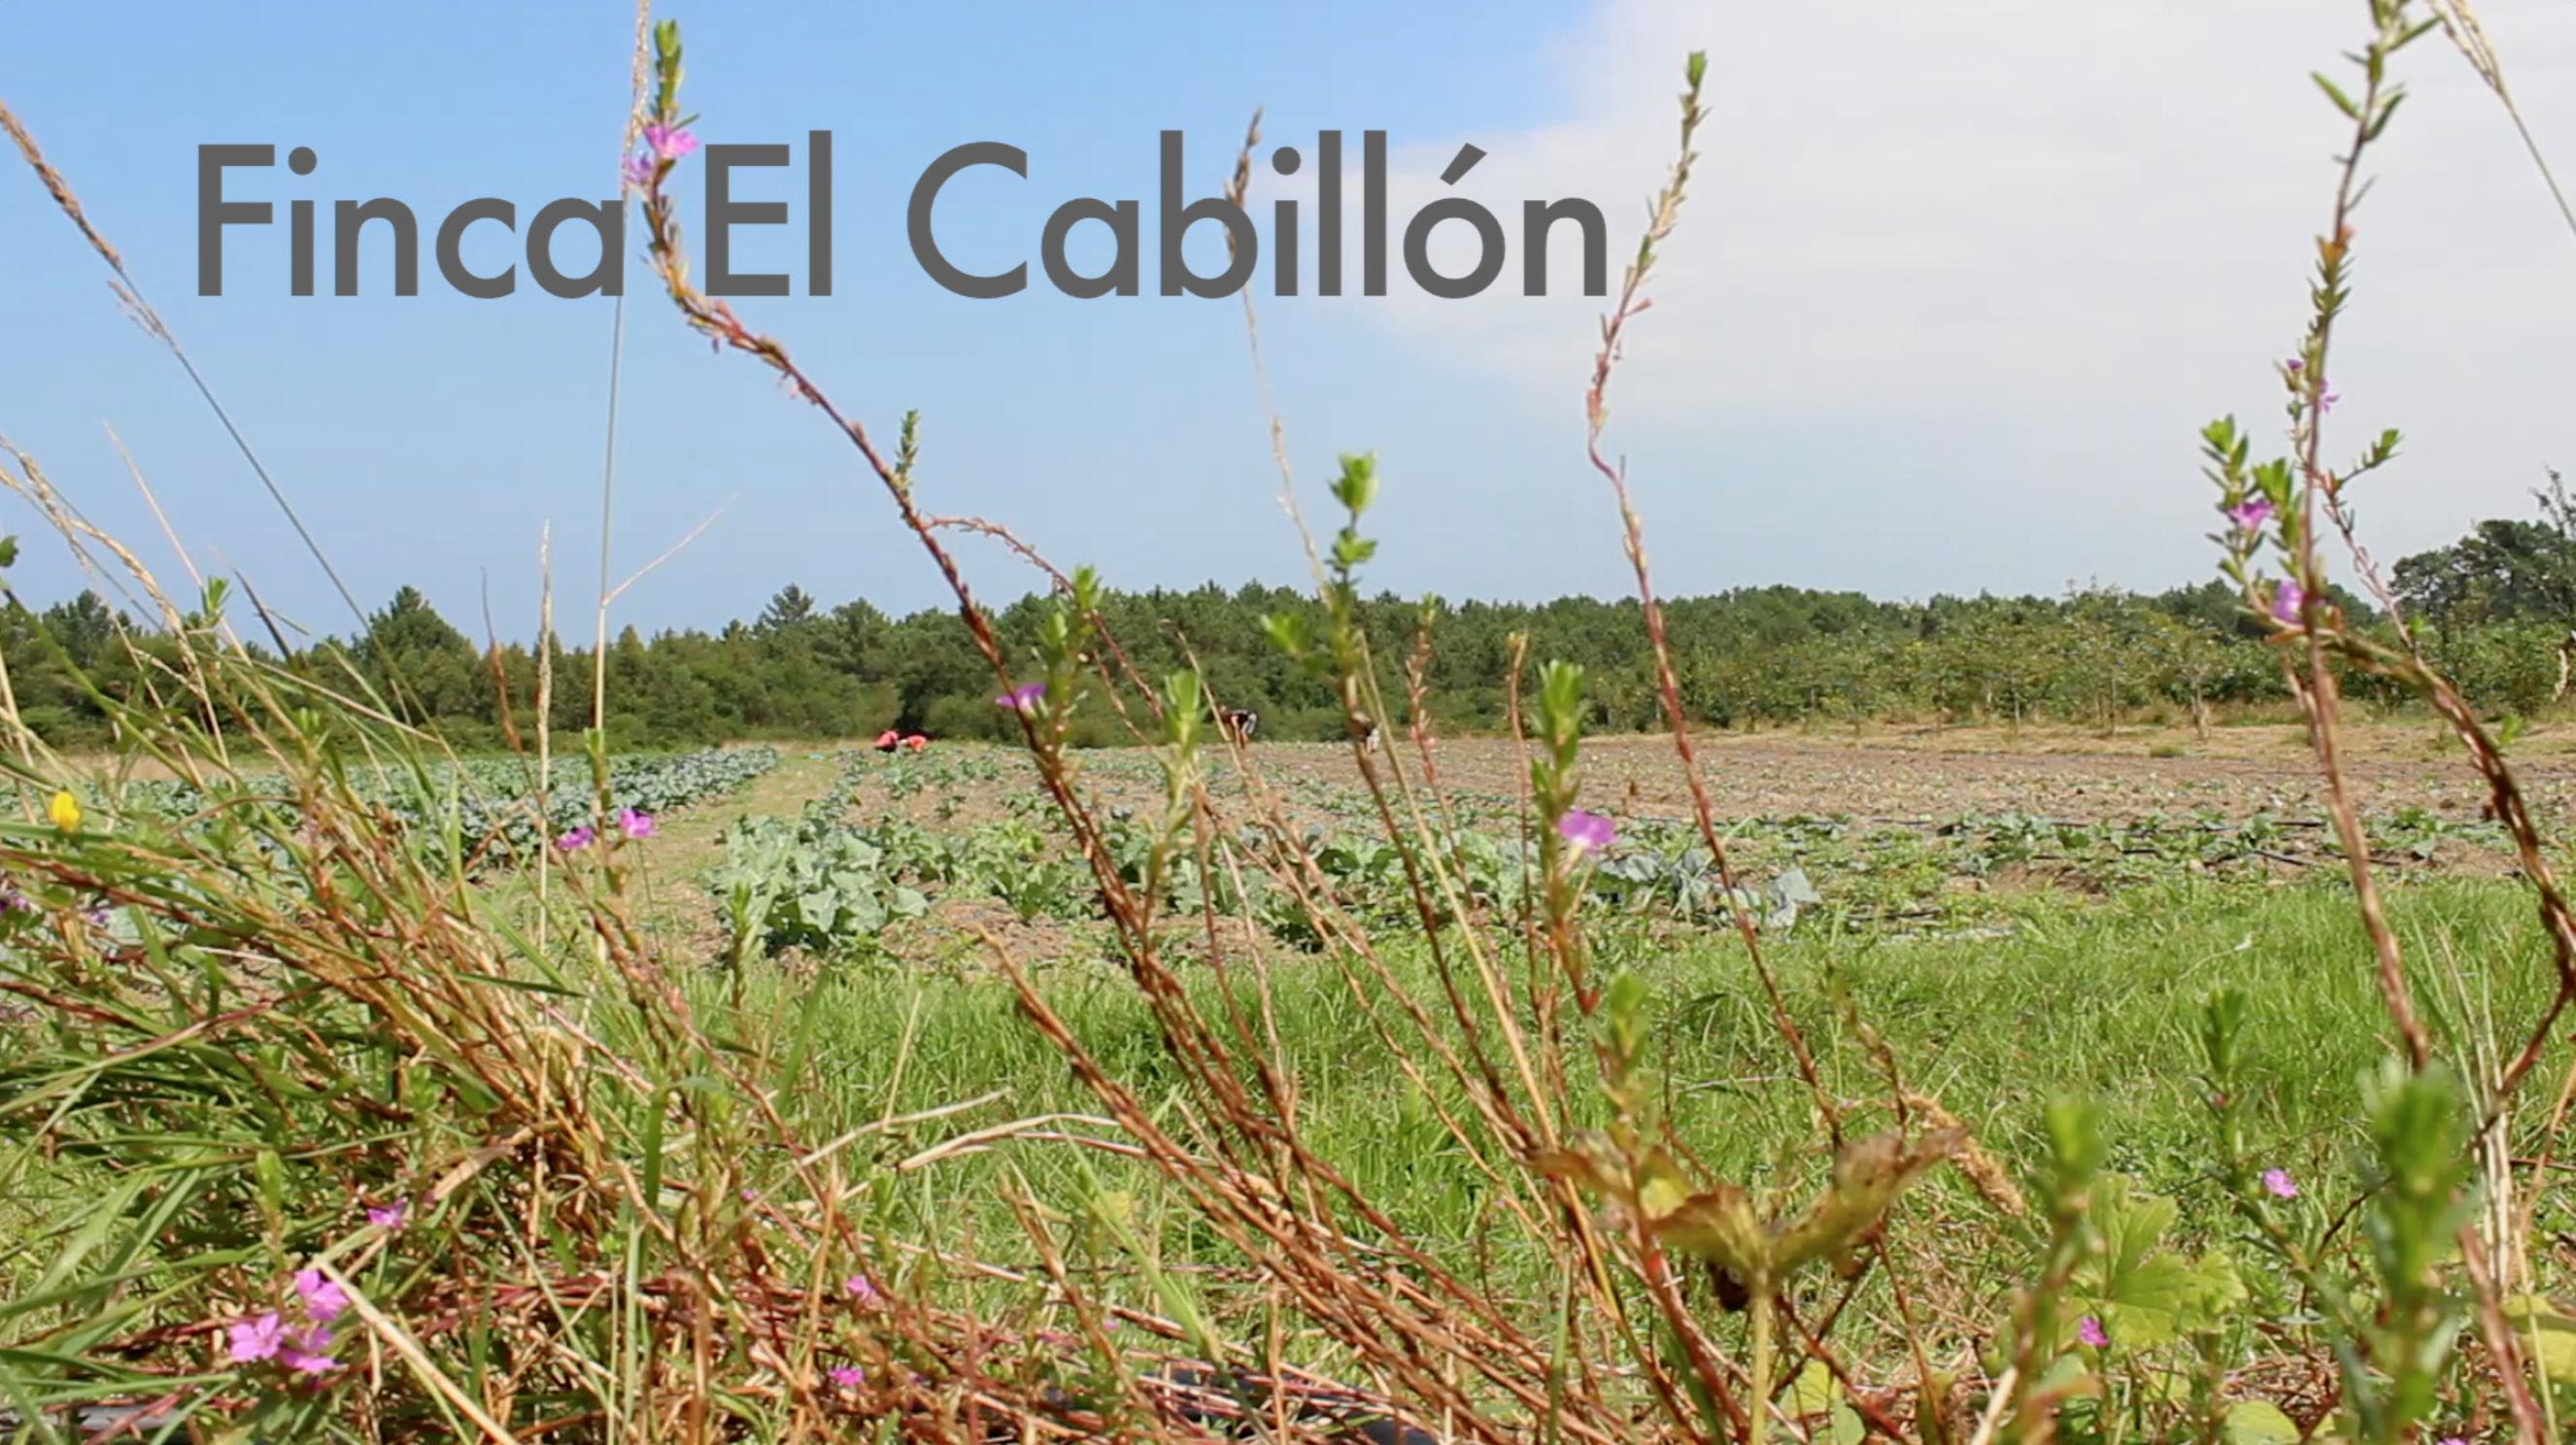 Finca El Cabillón de productos ecológicos de la Fundación Edes en el Occidente de Asturias